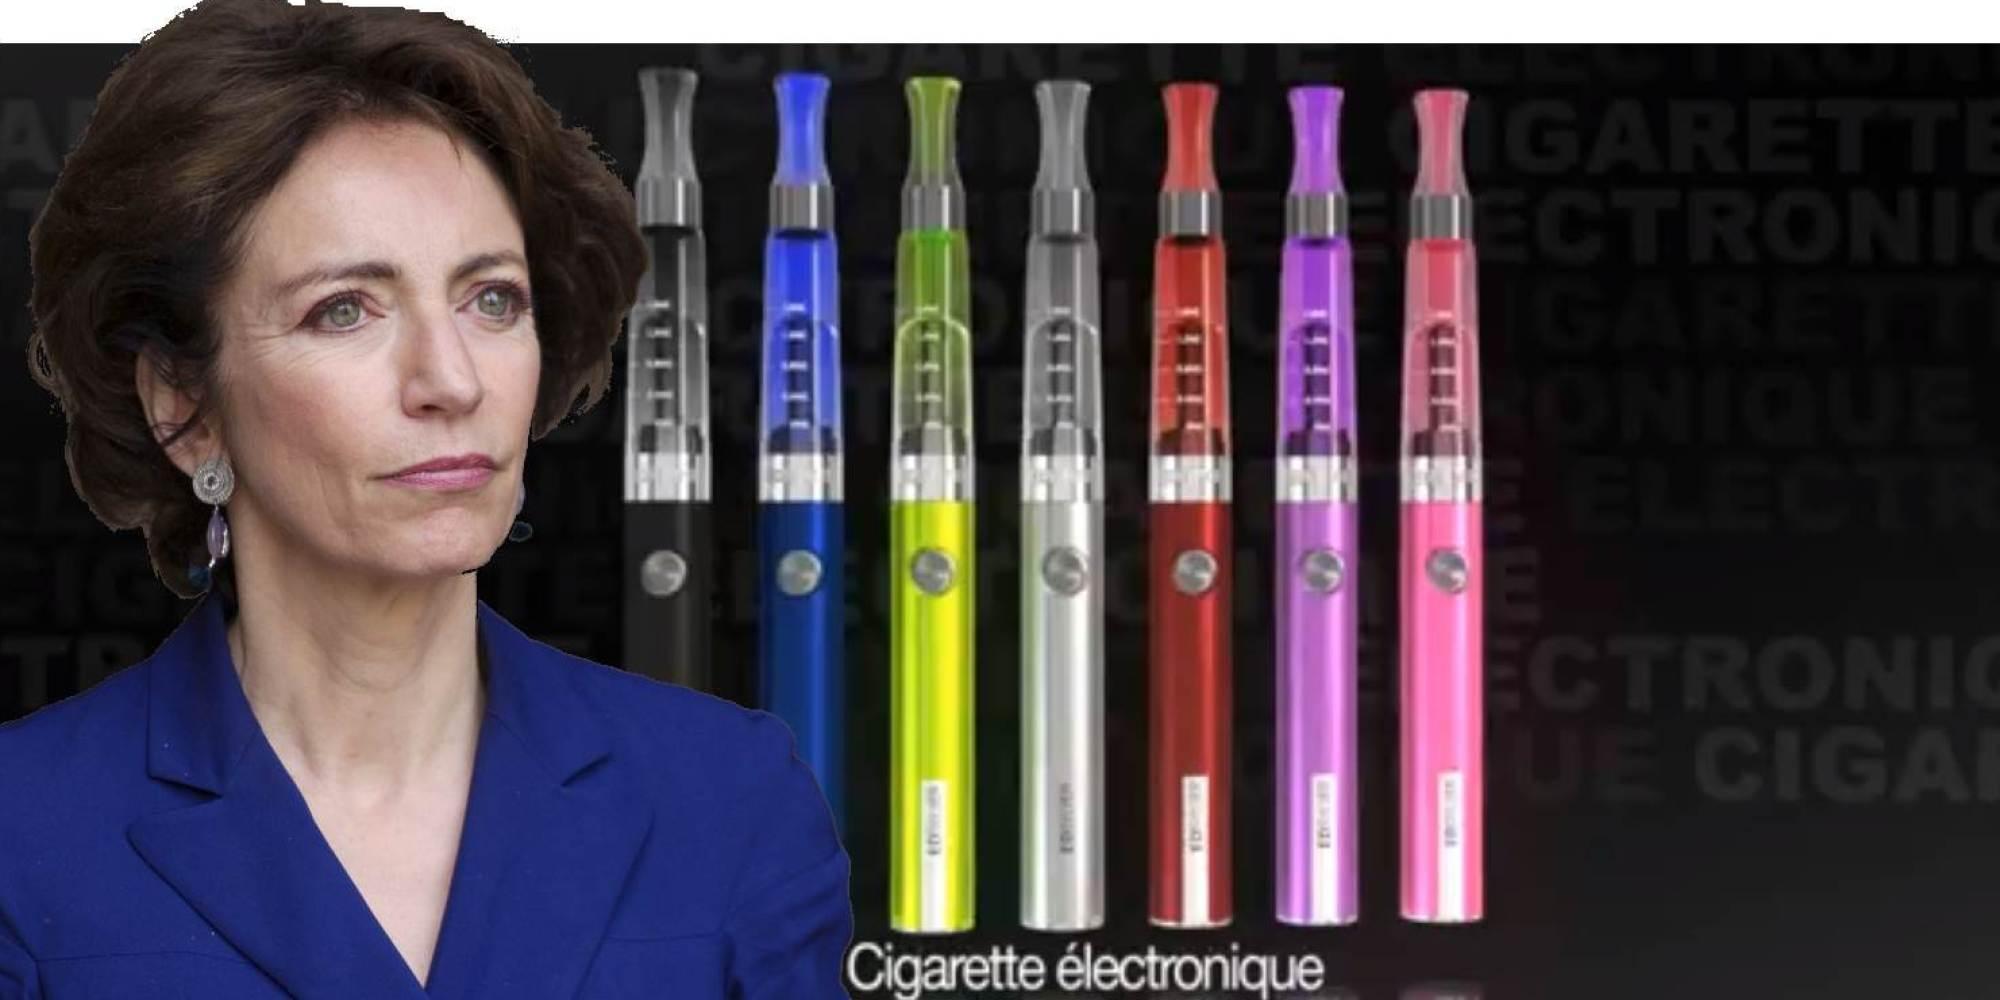 Cigarette Lectronique La Loi Antitabac De Marisol